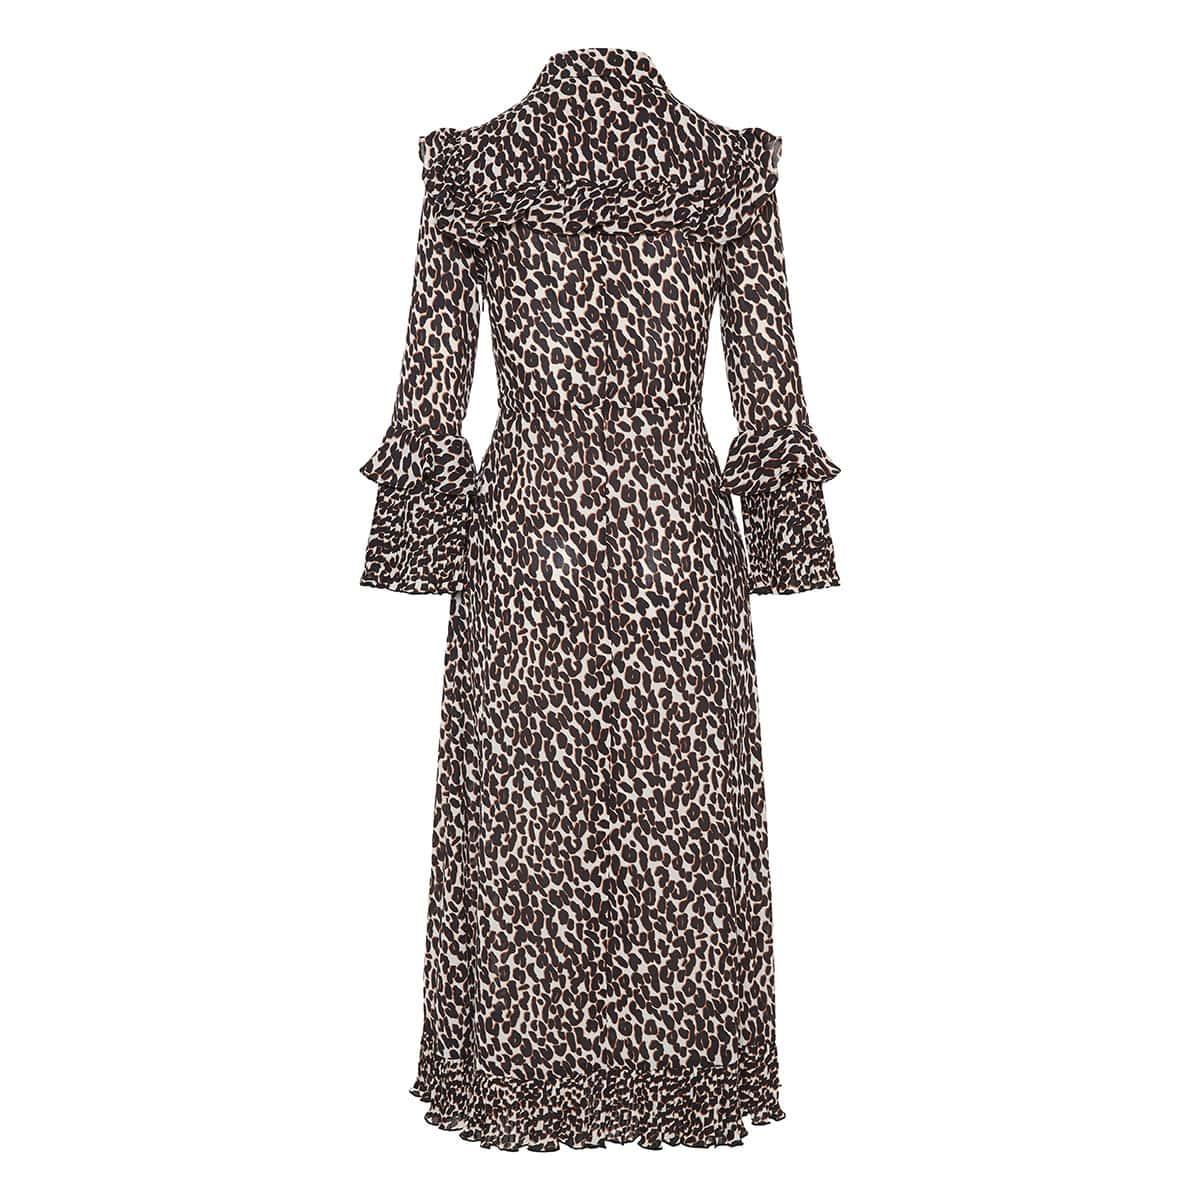 Leopard ruffle-trimmed midi dress